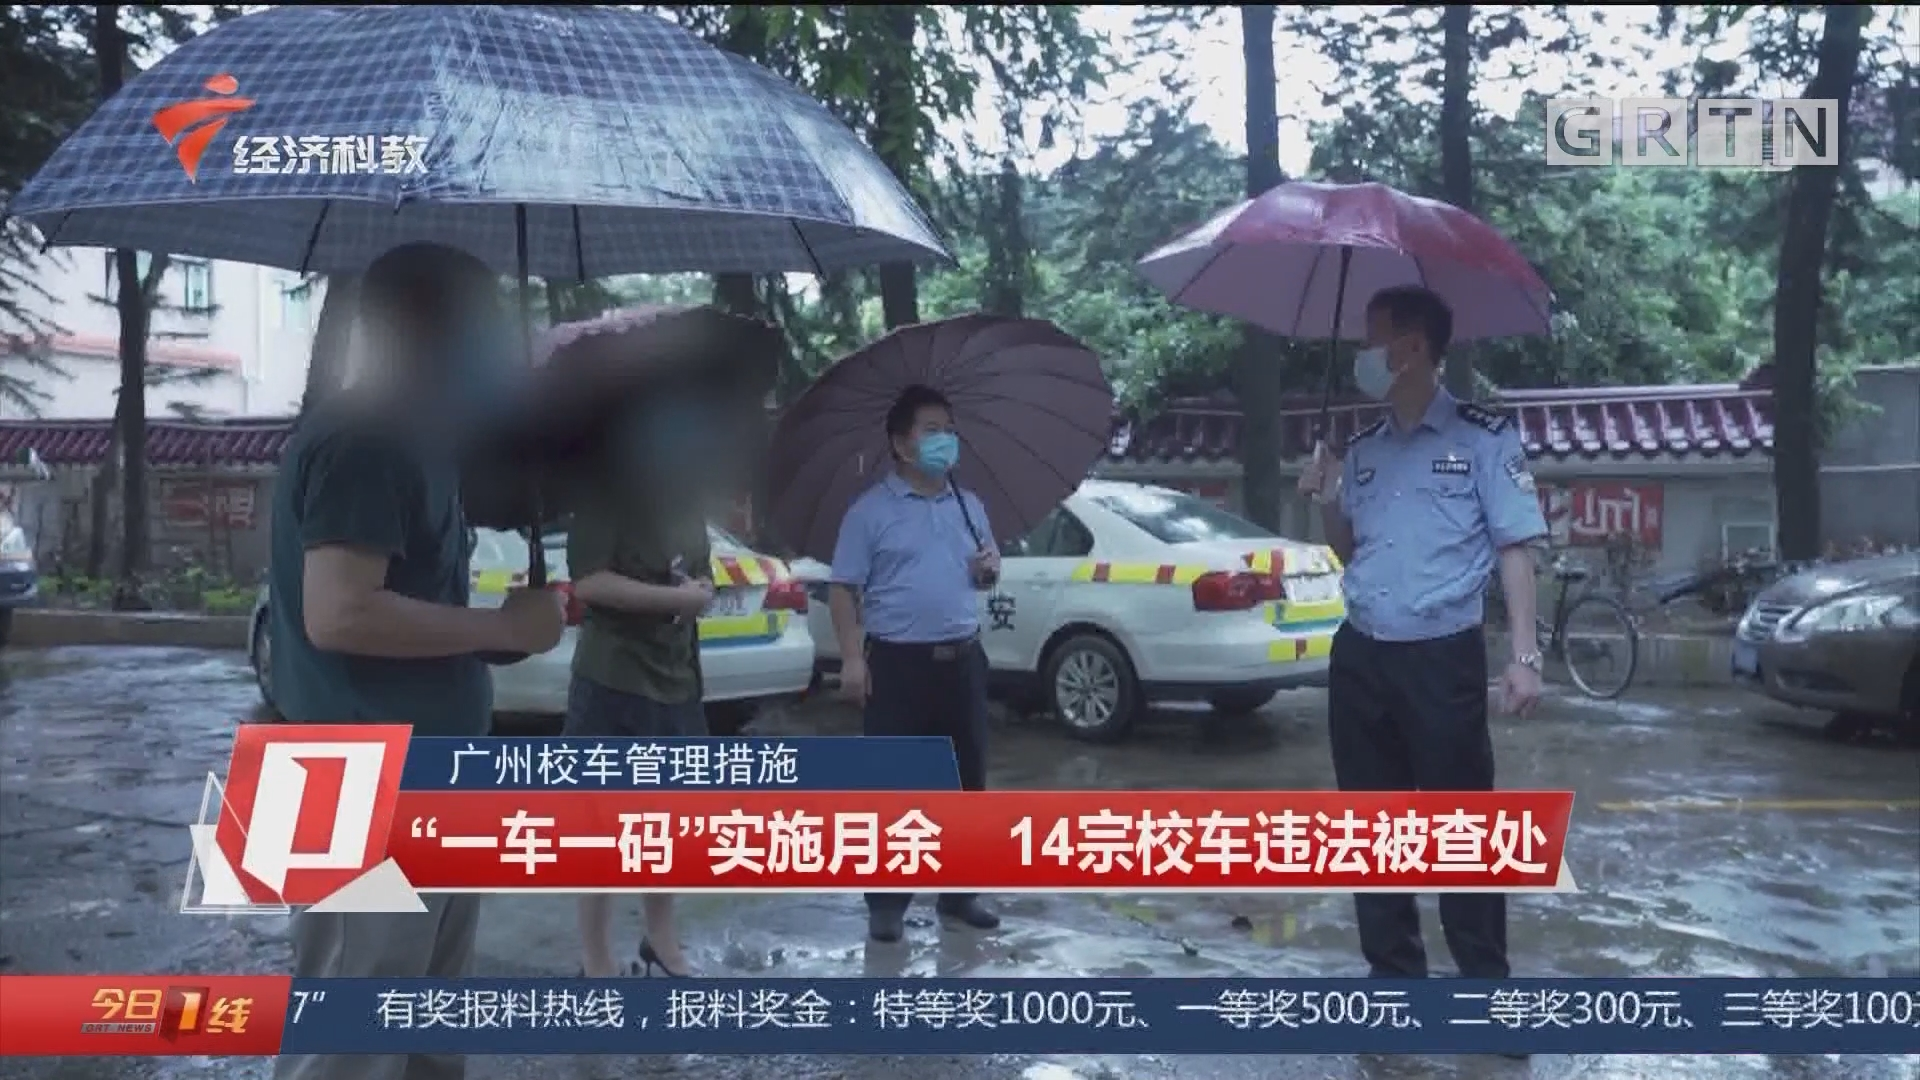 """广州校车管理措施 """"一车一码""""实施月余 14宗校车违法被查处"""